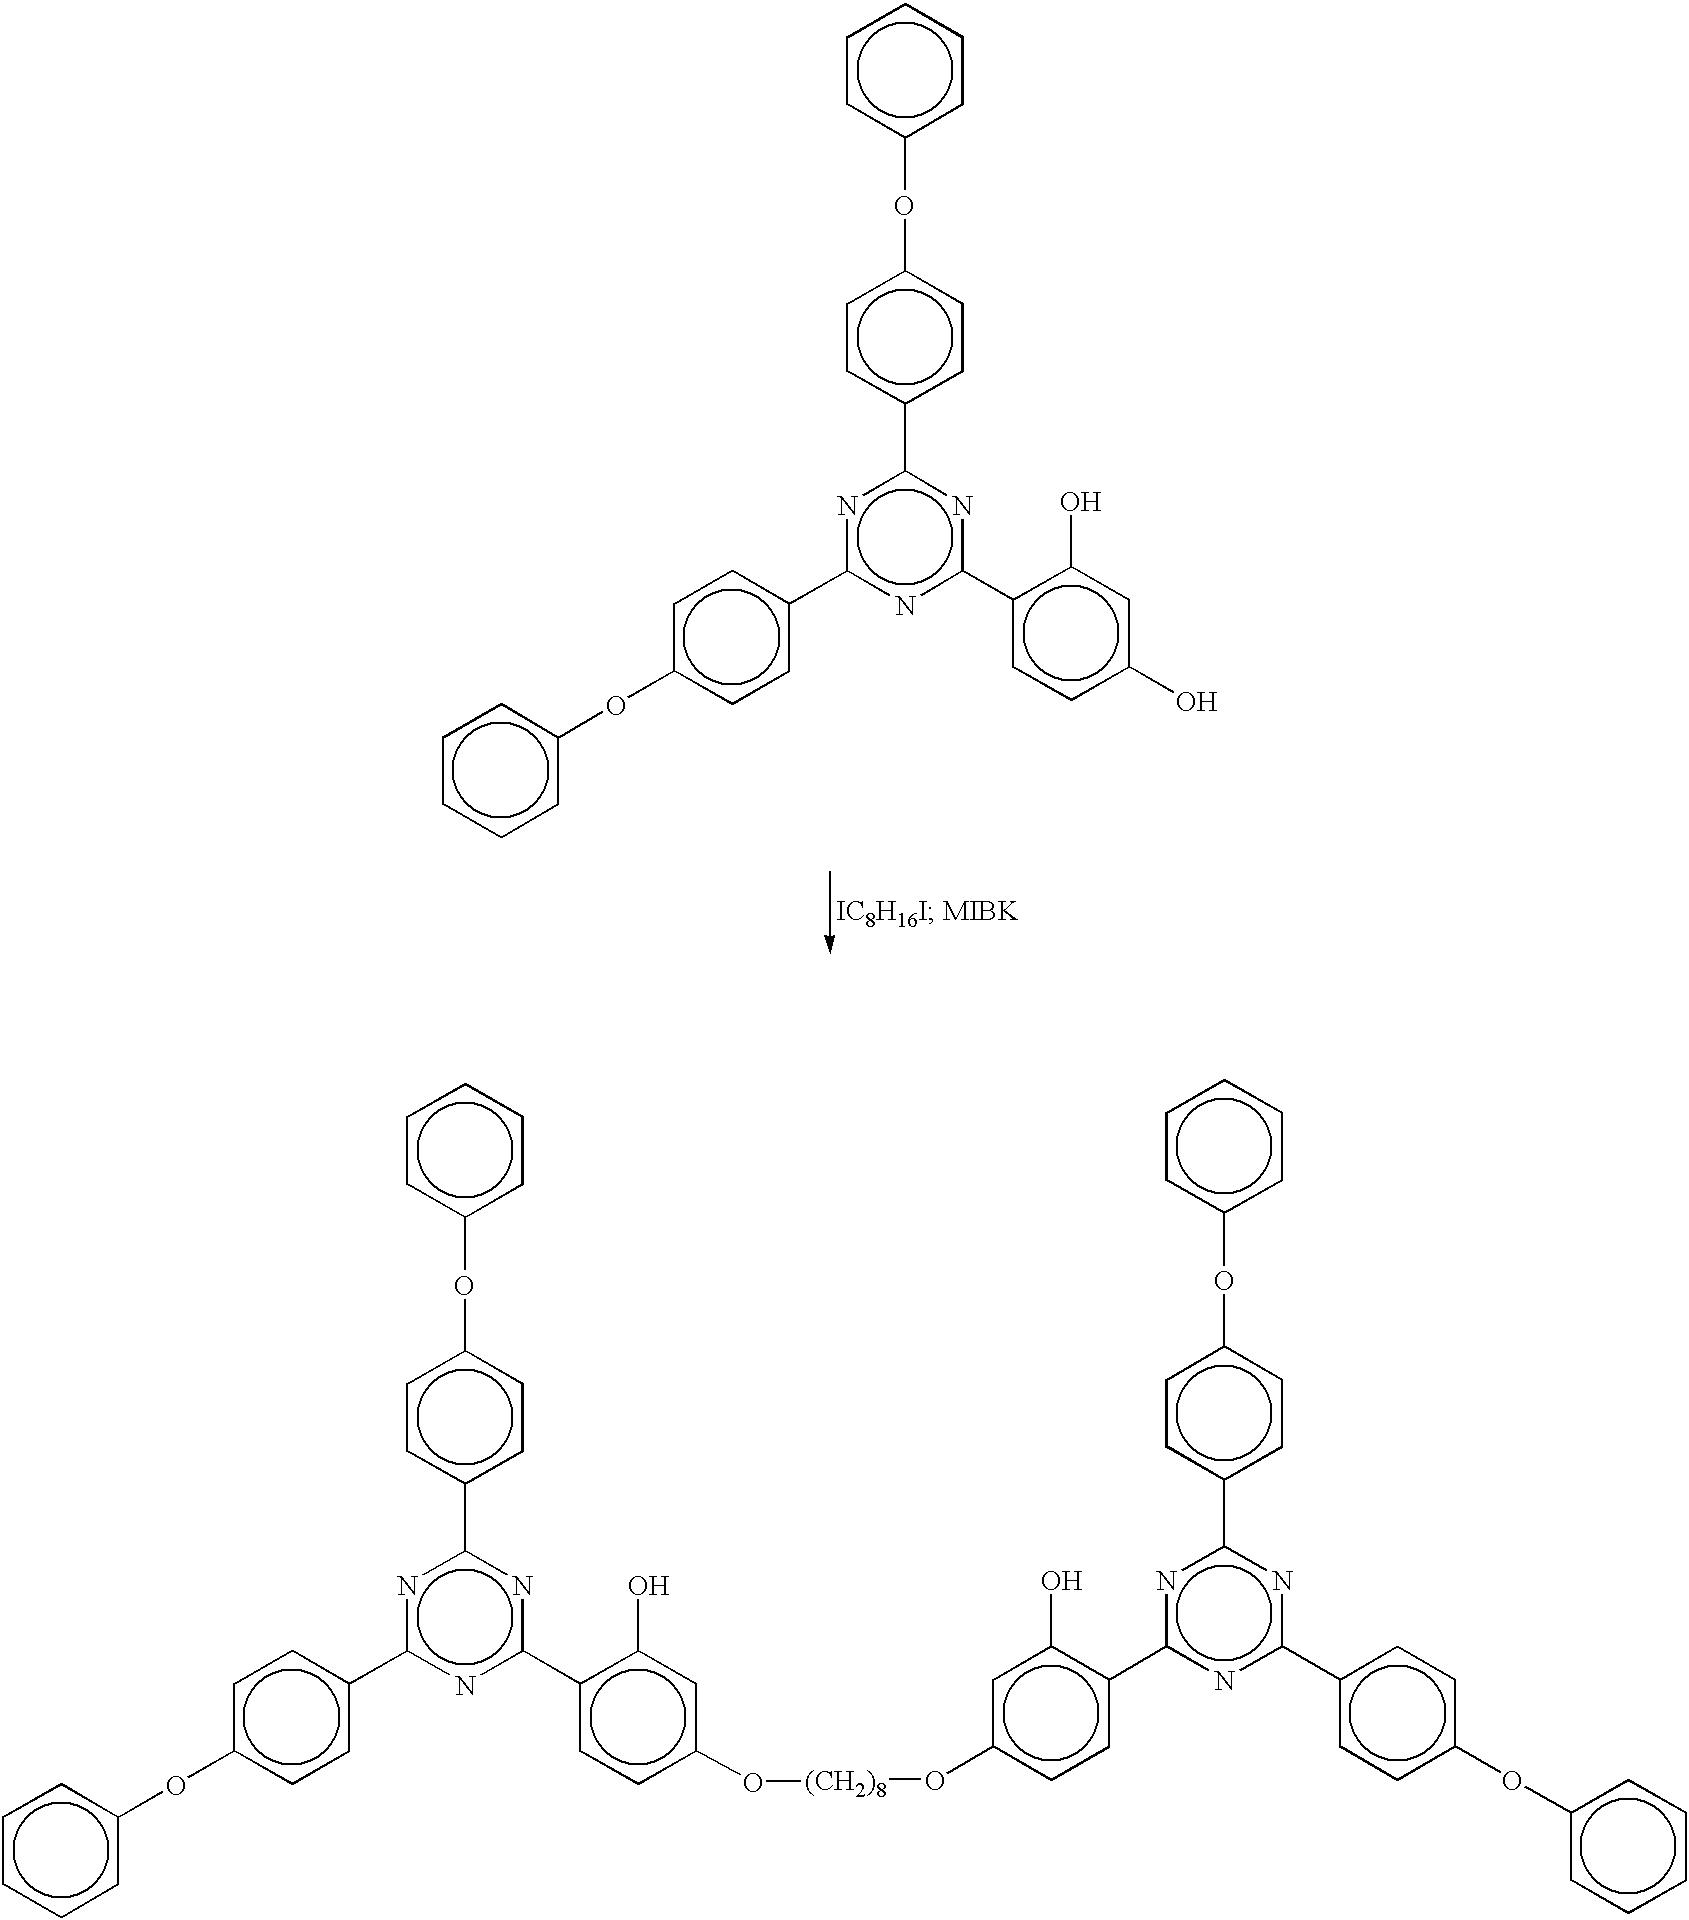 Figure US06855269-20050215-C00029